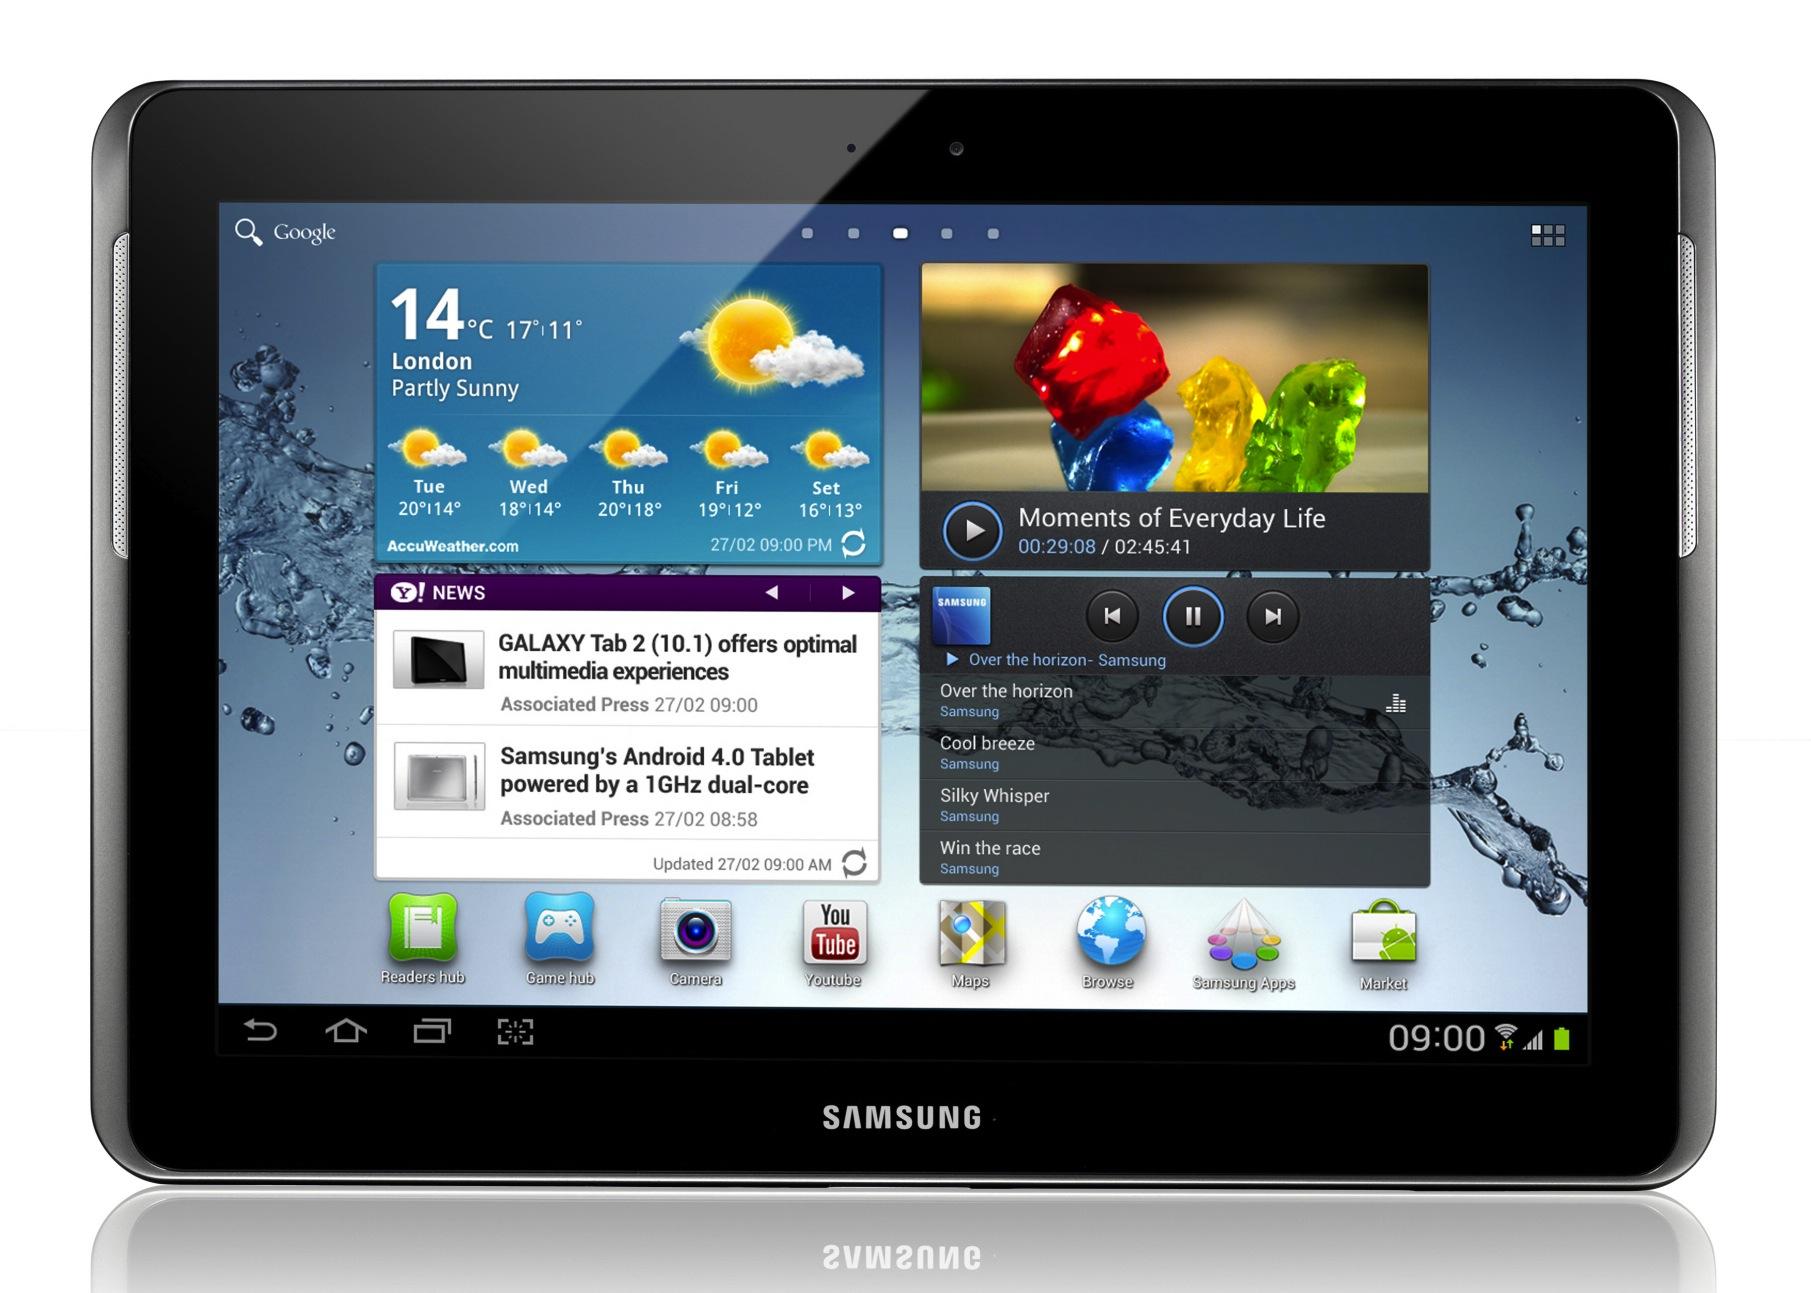 جهاز سامسونج جالكسي تاب Samsung Galaxy Tab 2 10.1